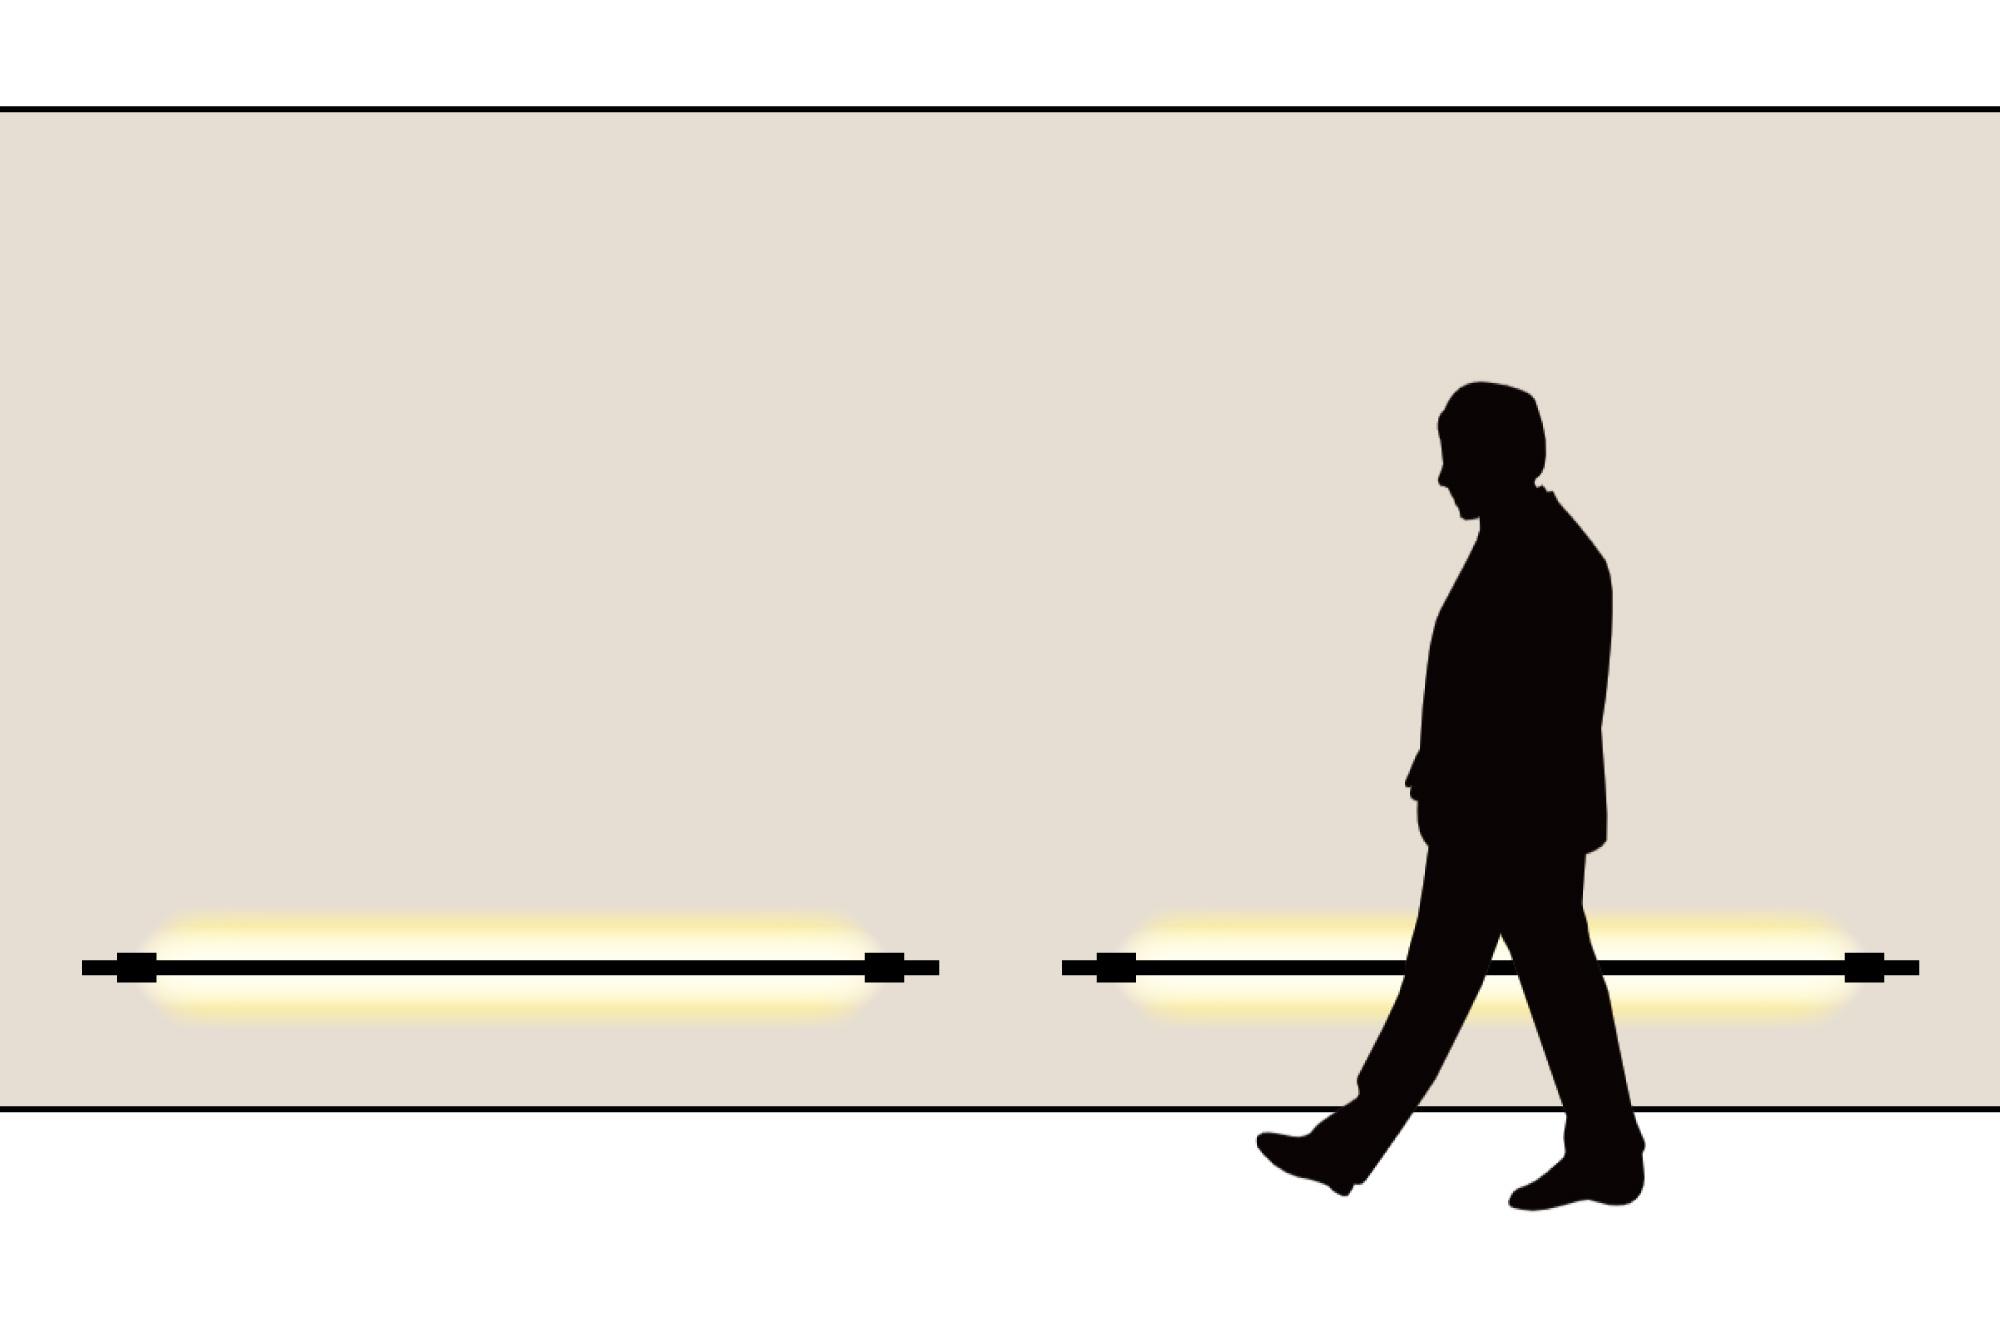 ラインウォールライトを低い位置に設置してフットライトのように用いた例